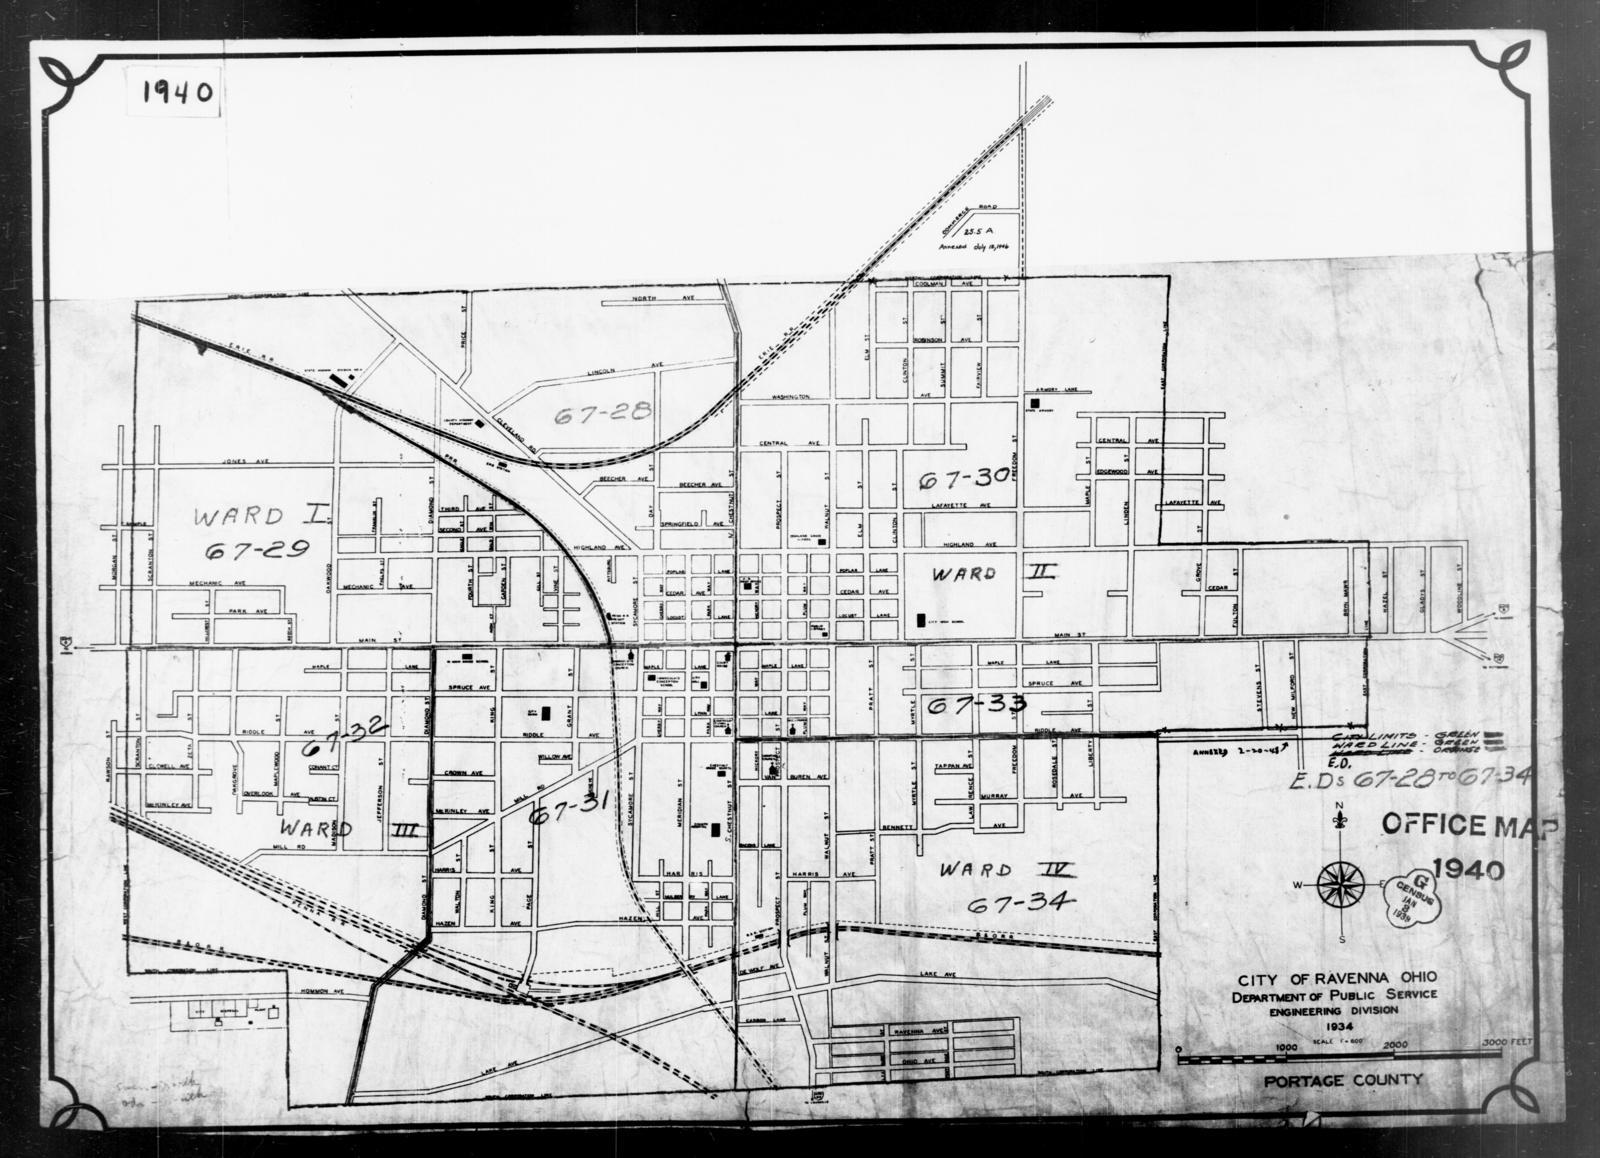 1940 Census Enumeration District Maps Ohio Portage